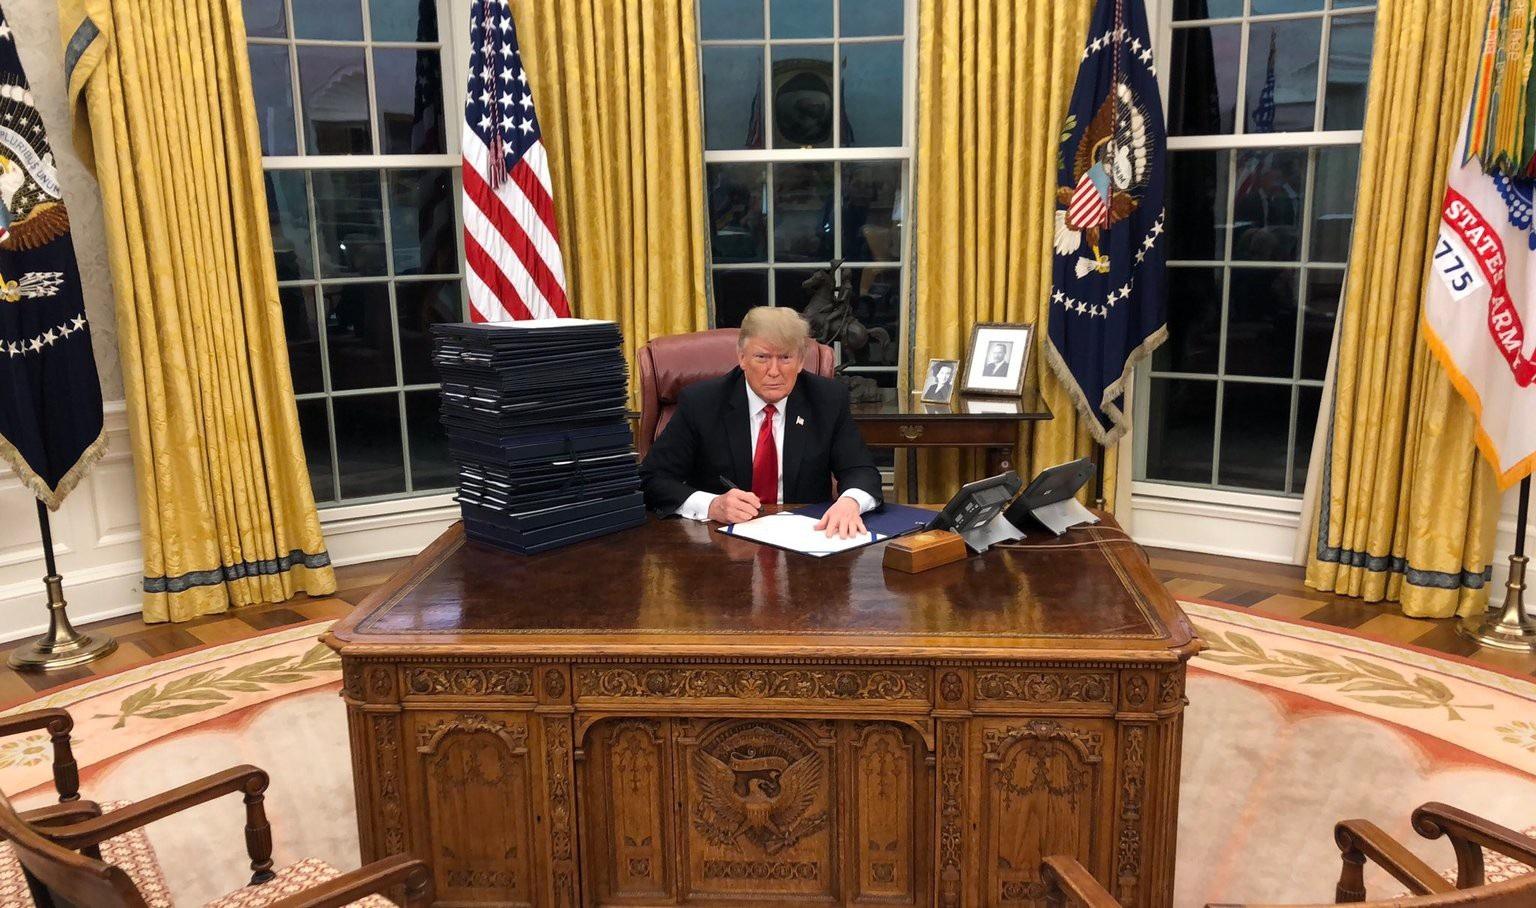 Điểm gây tranh cãi trong bức ảnh Tổng thống Trump ký luật tại Nhà Trắng - Ảnh 1.